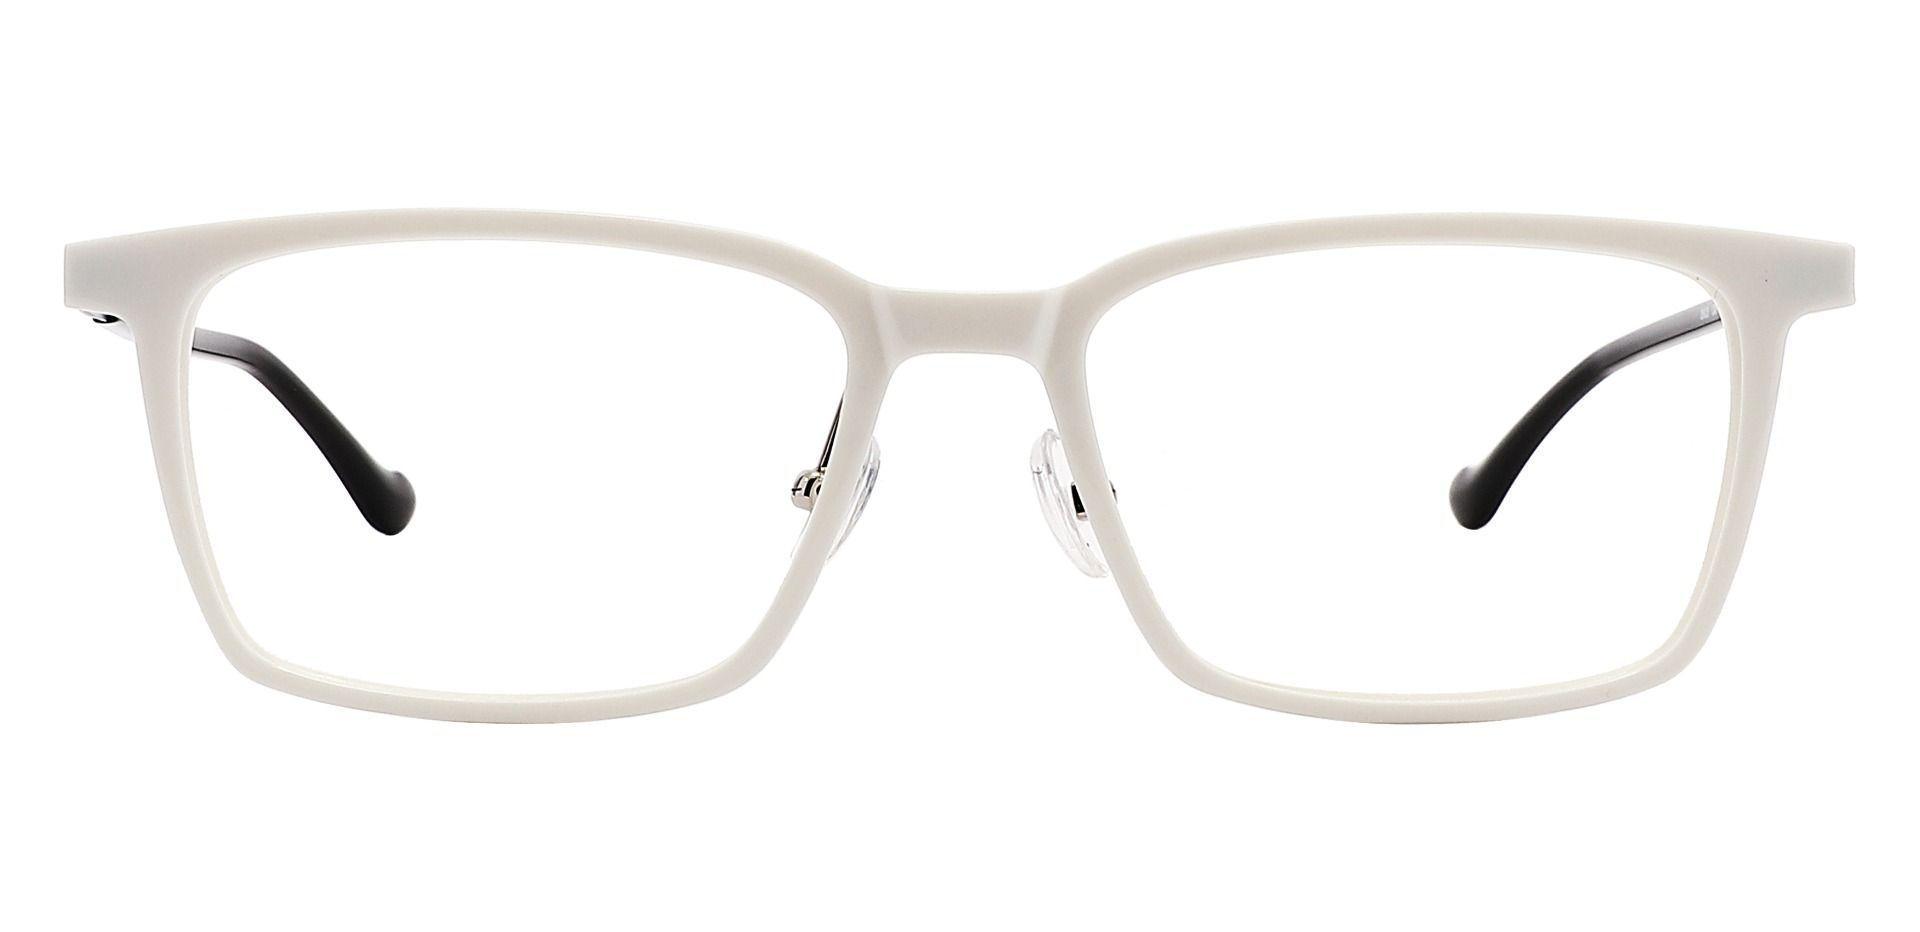 Panama Rectangle Reading Glasses - White